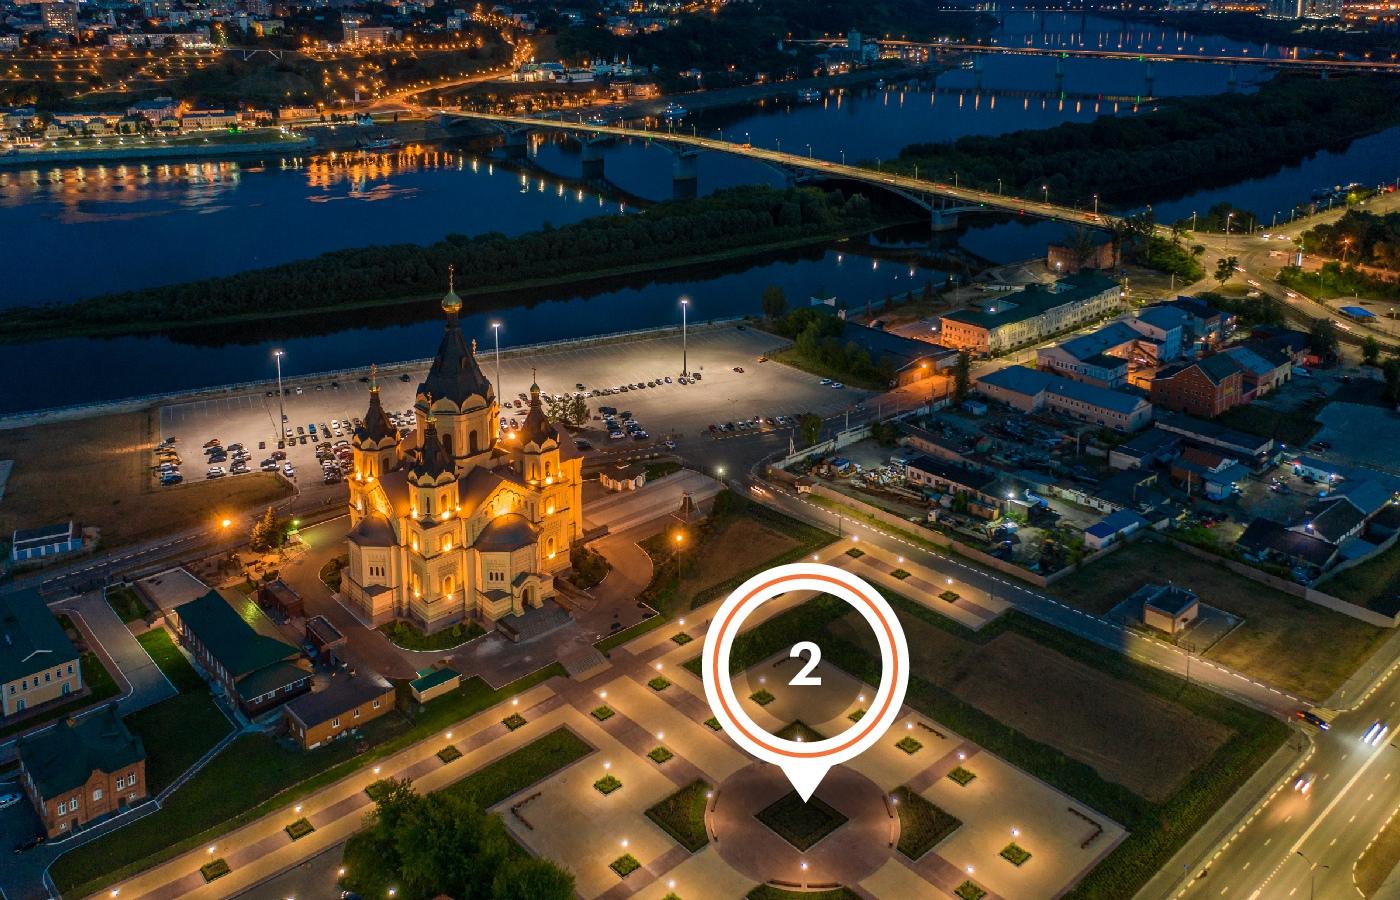 В Нижнем Новгороде стартовал конкурс на лучший эскиз памятника князю Александру Невскому